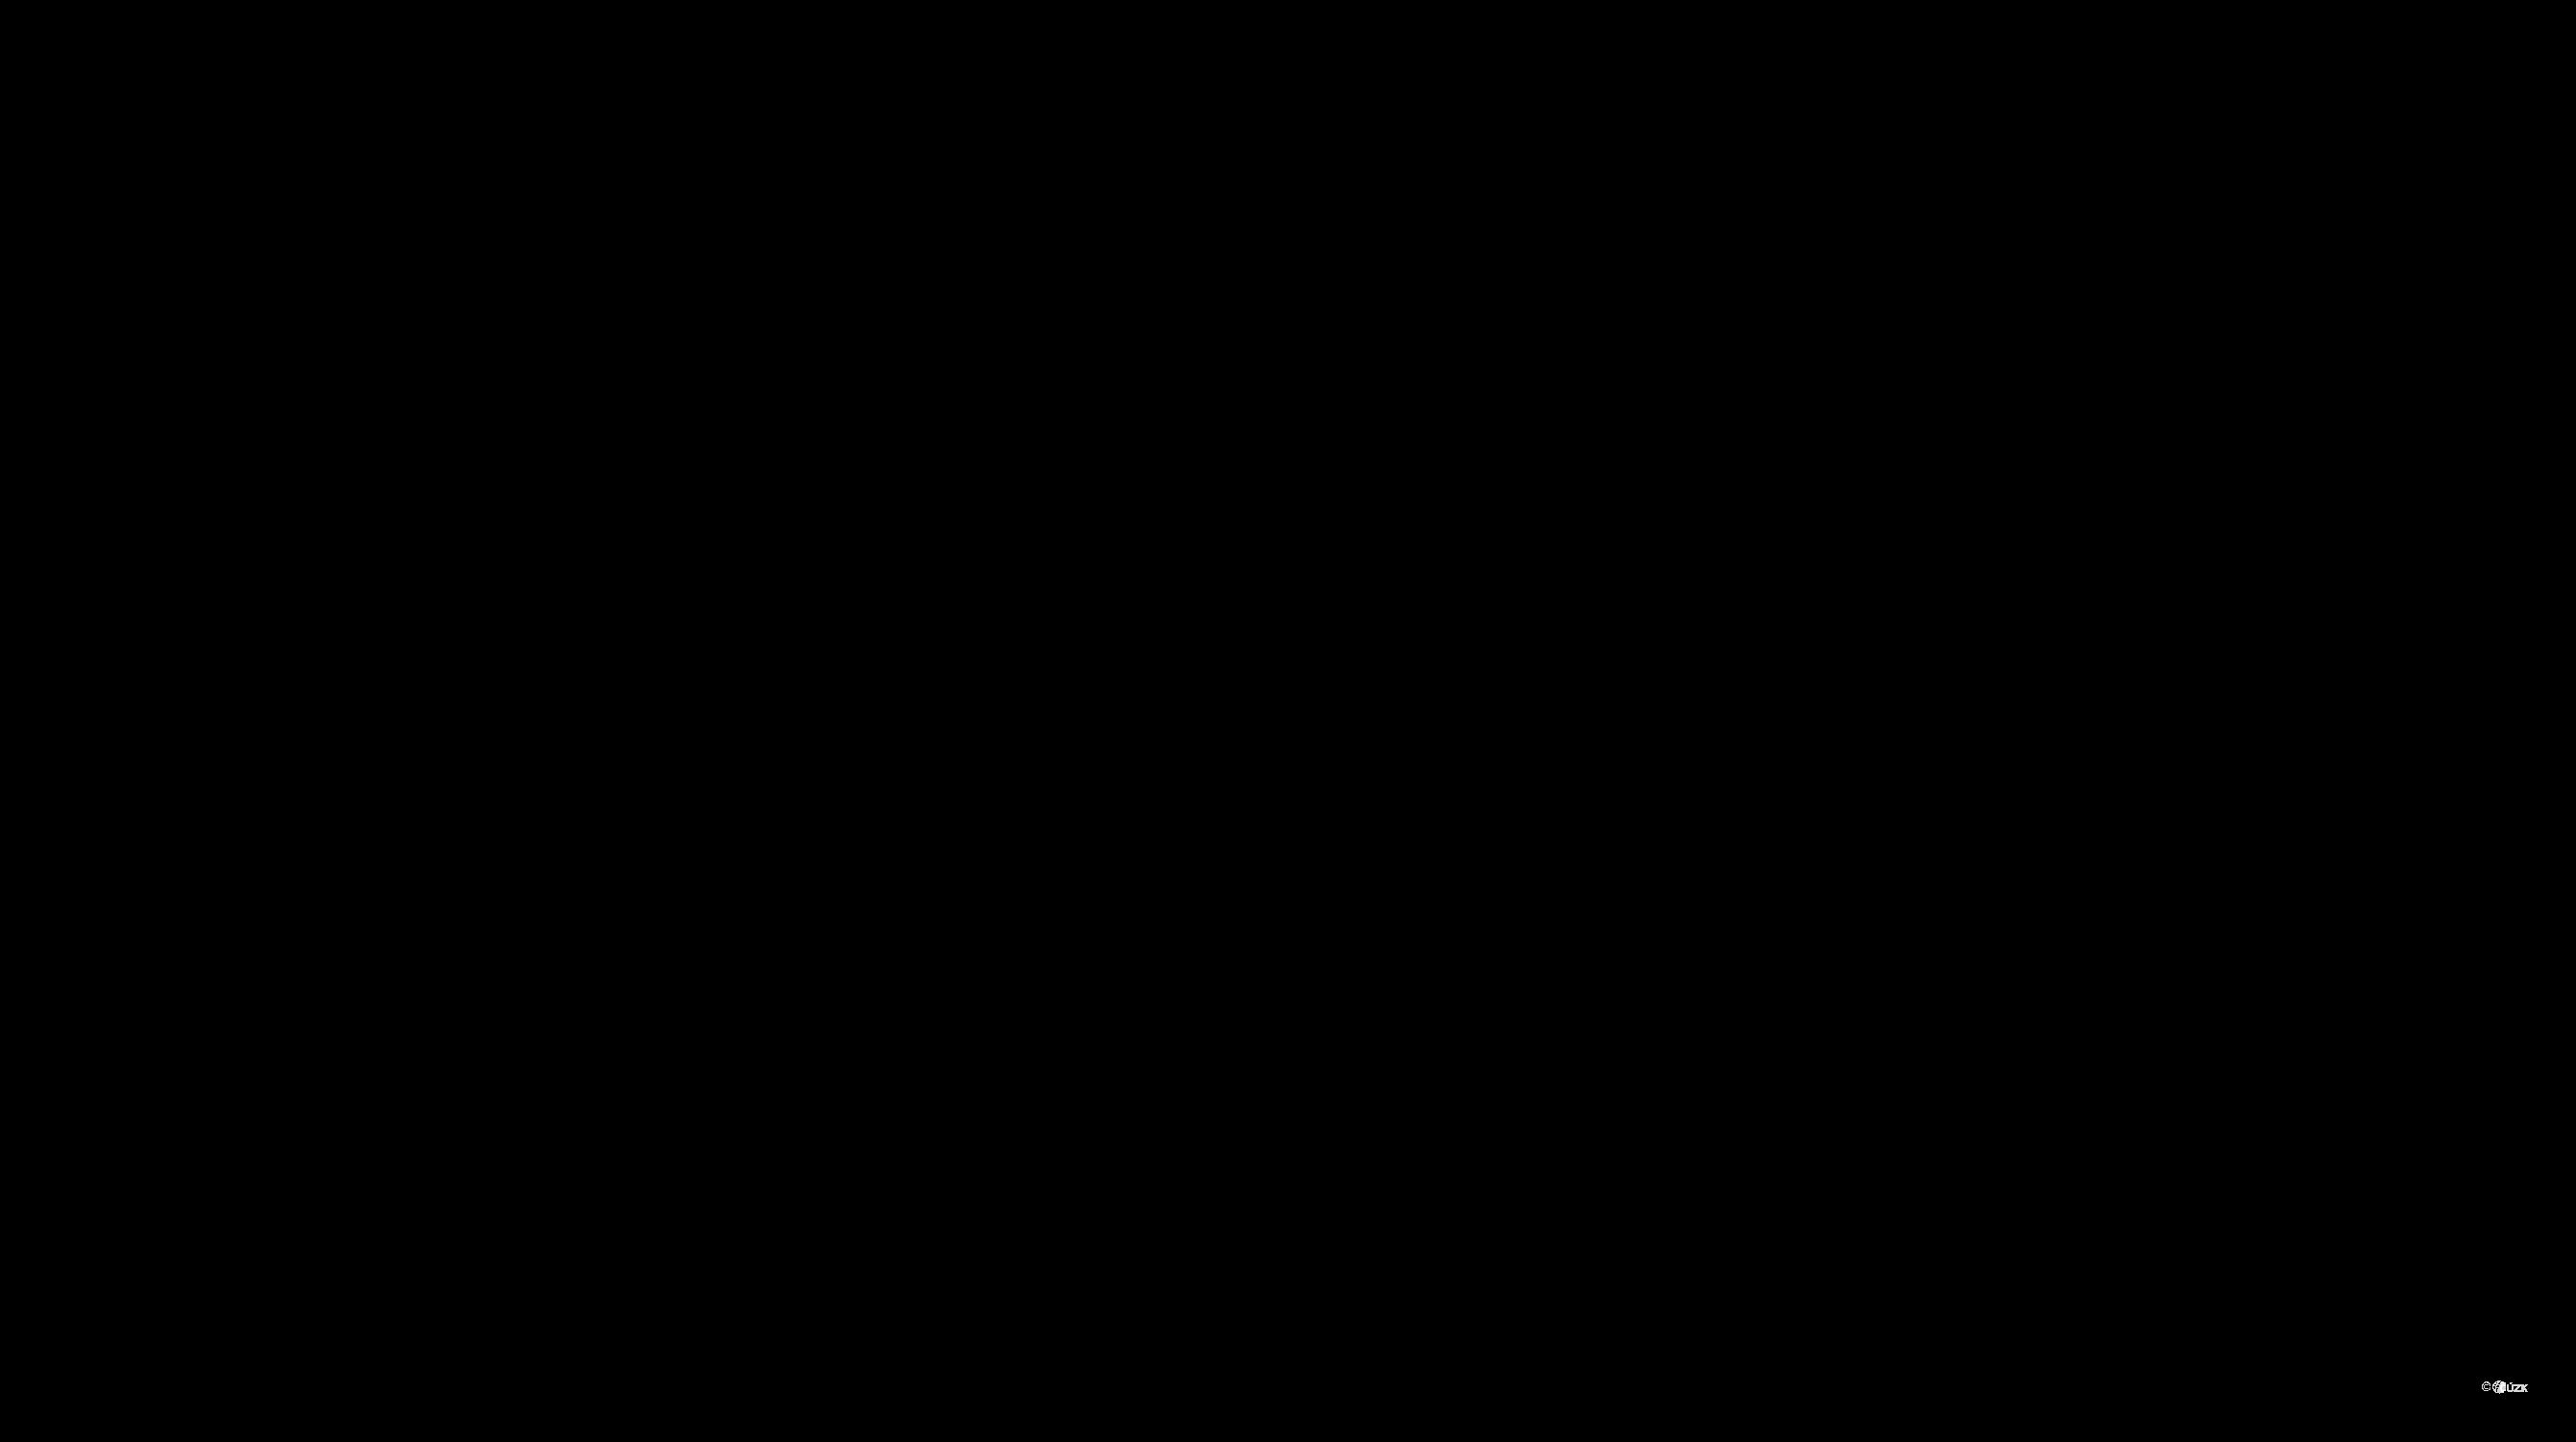 Katastrální mapa pozemků a čísla parcel Meziříčko u Jihlavy